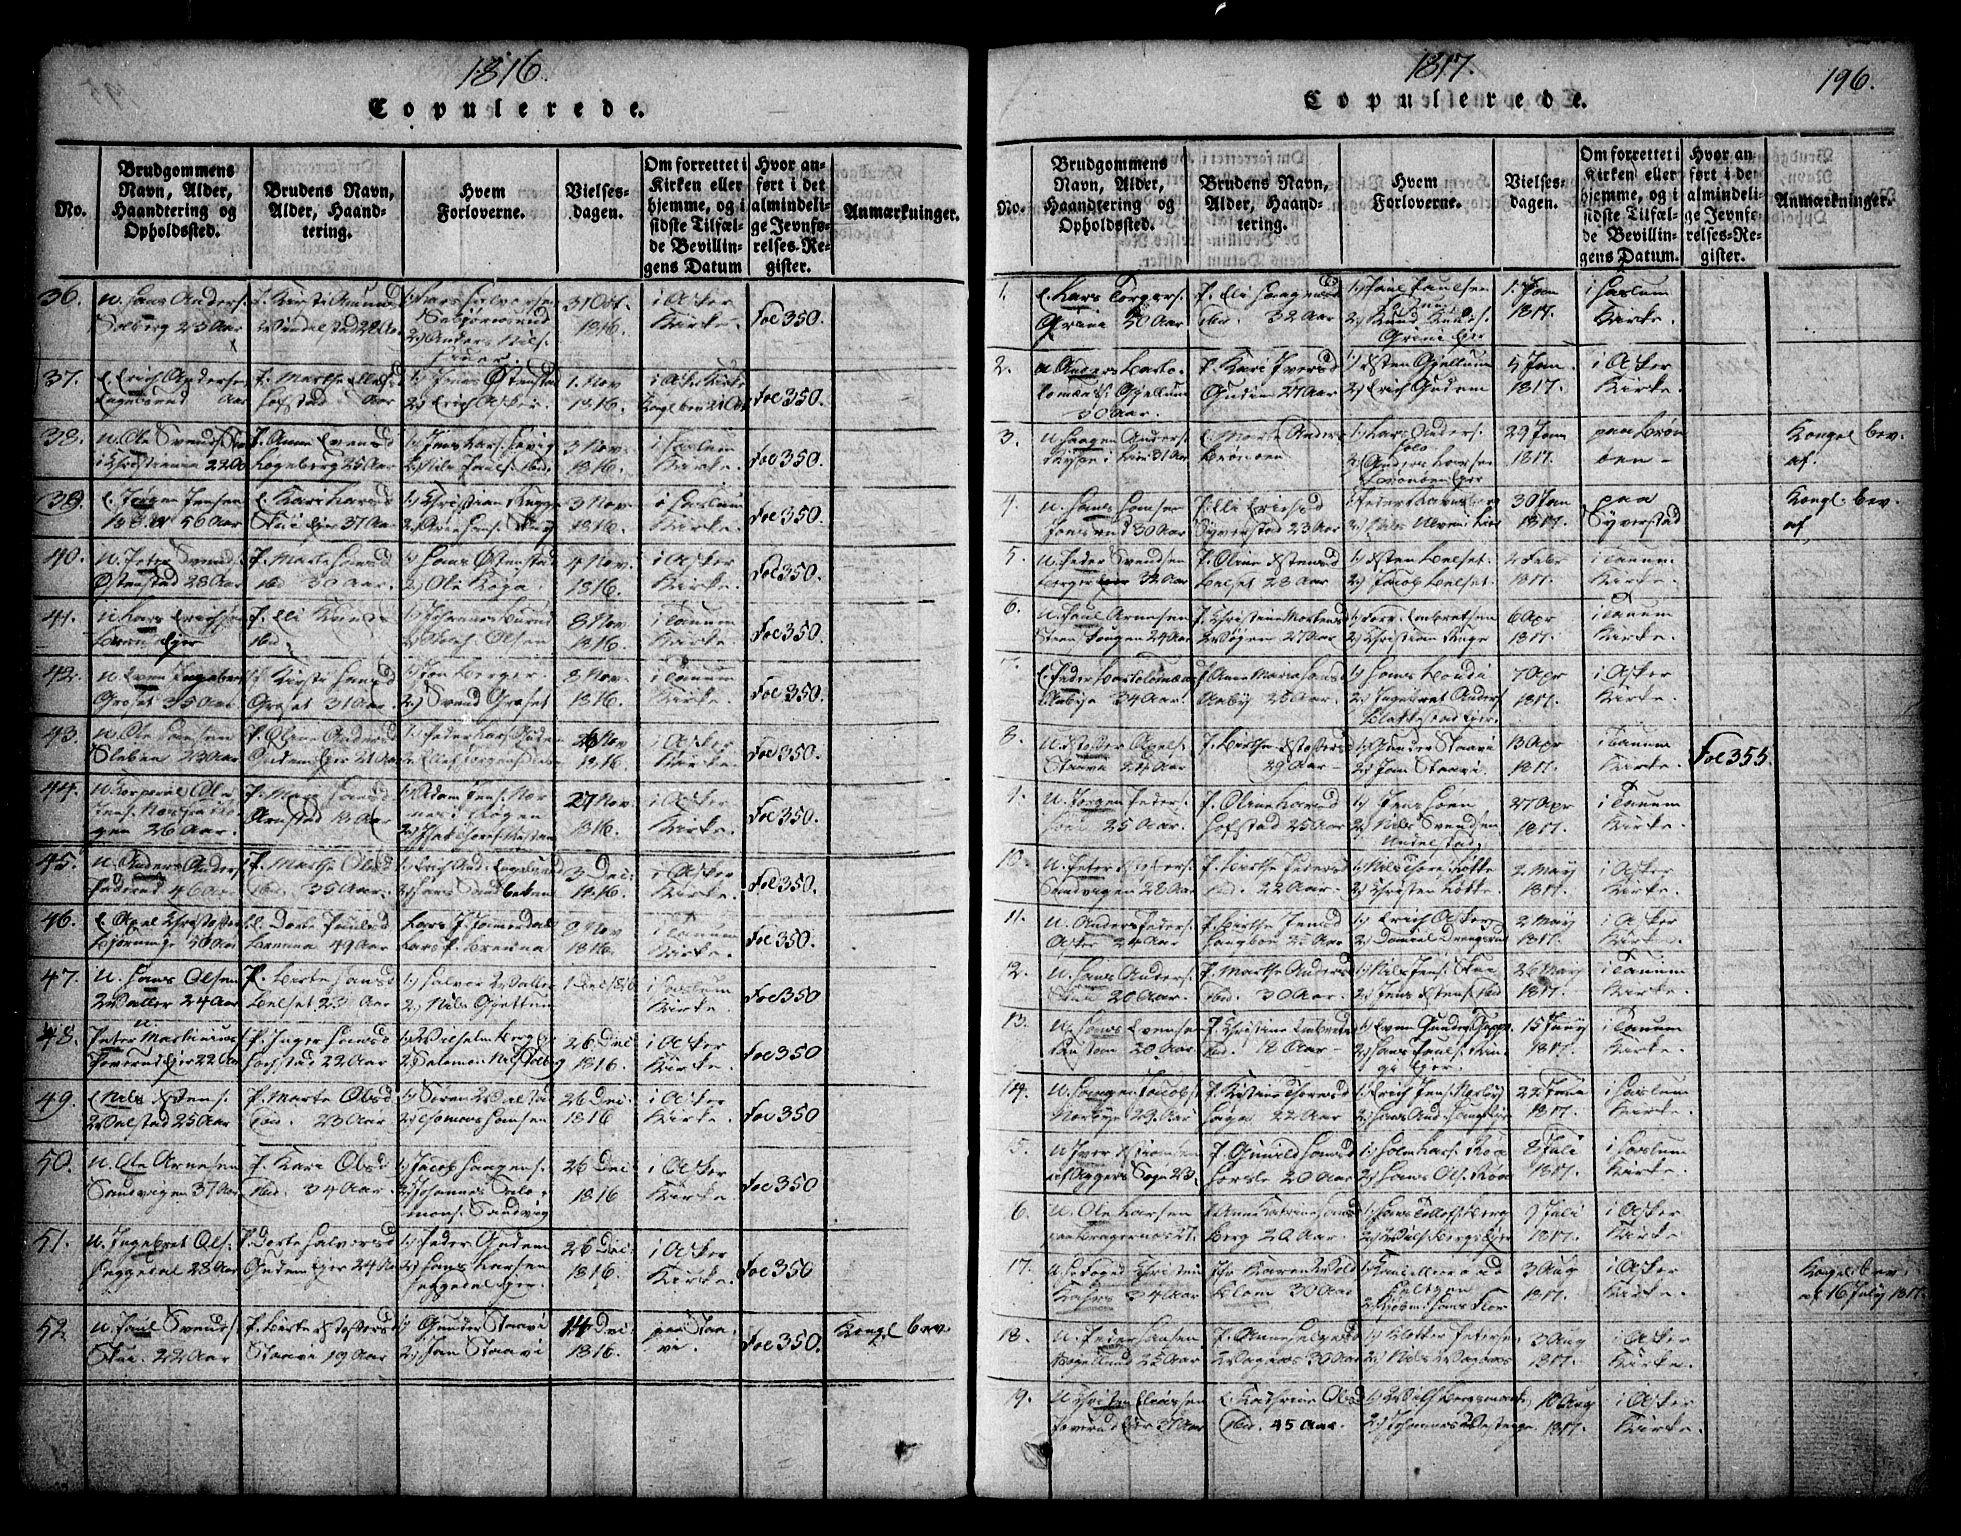 SAO, Asker prestekontor Kirkebøker, F/Fa/L0006: Ministerialbok nr. I 6, 1814-1824, s. 196